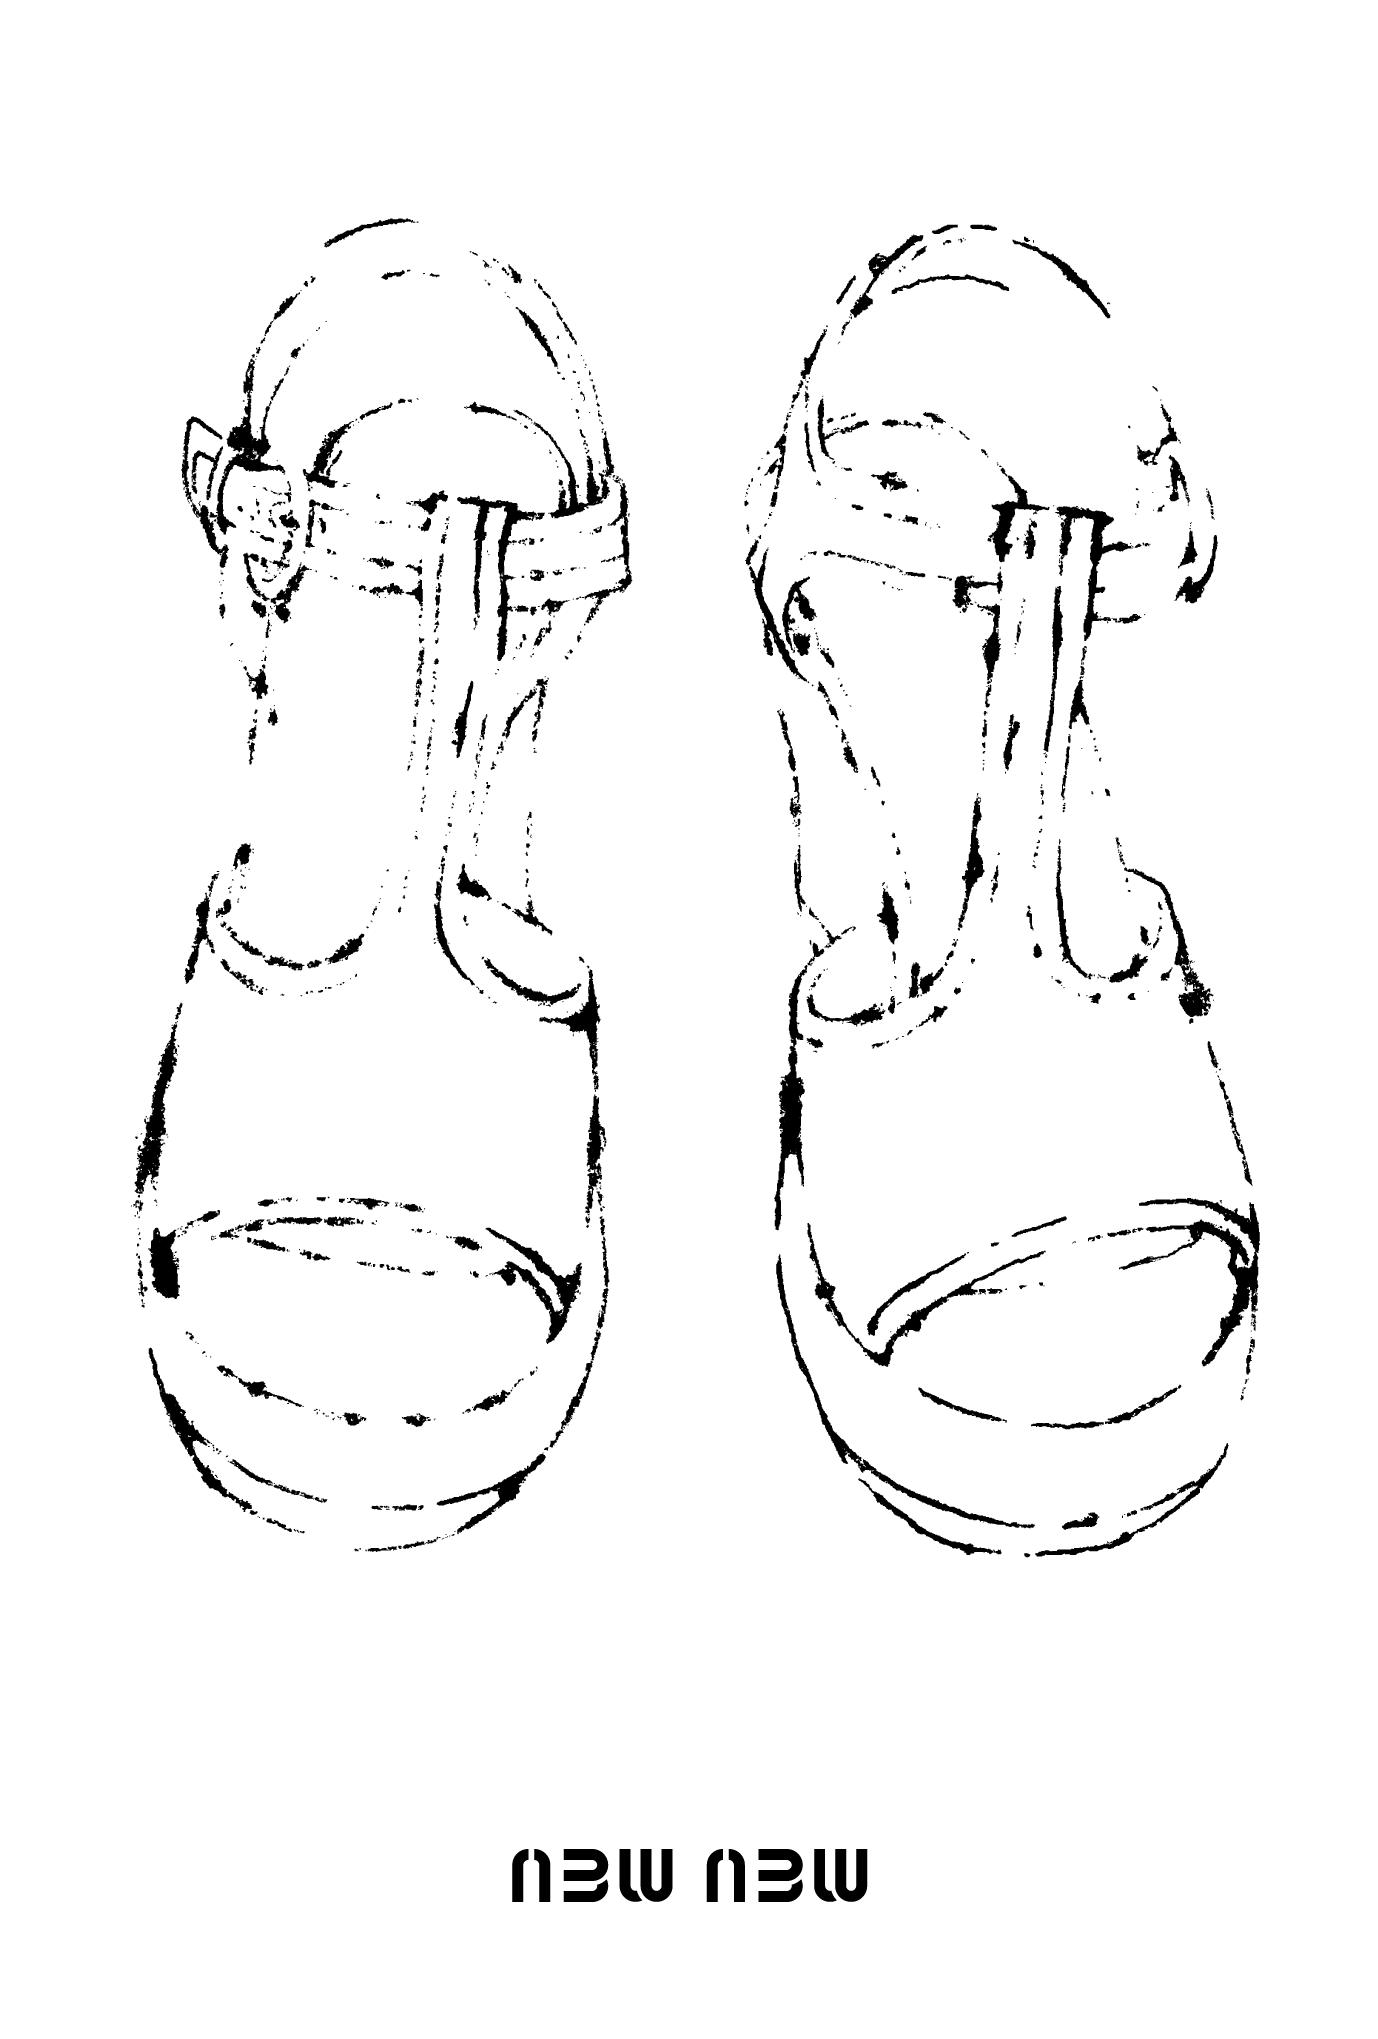 2013年賀状13-4:new new / line drawingのダウンロード画像